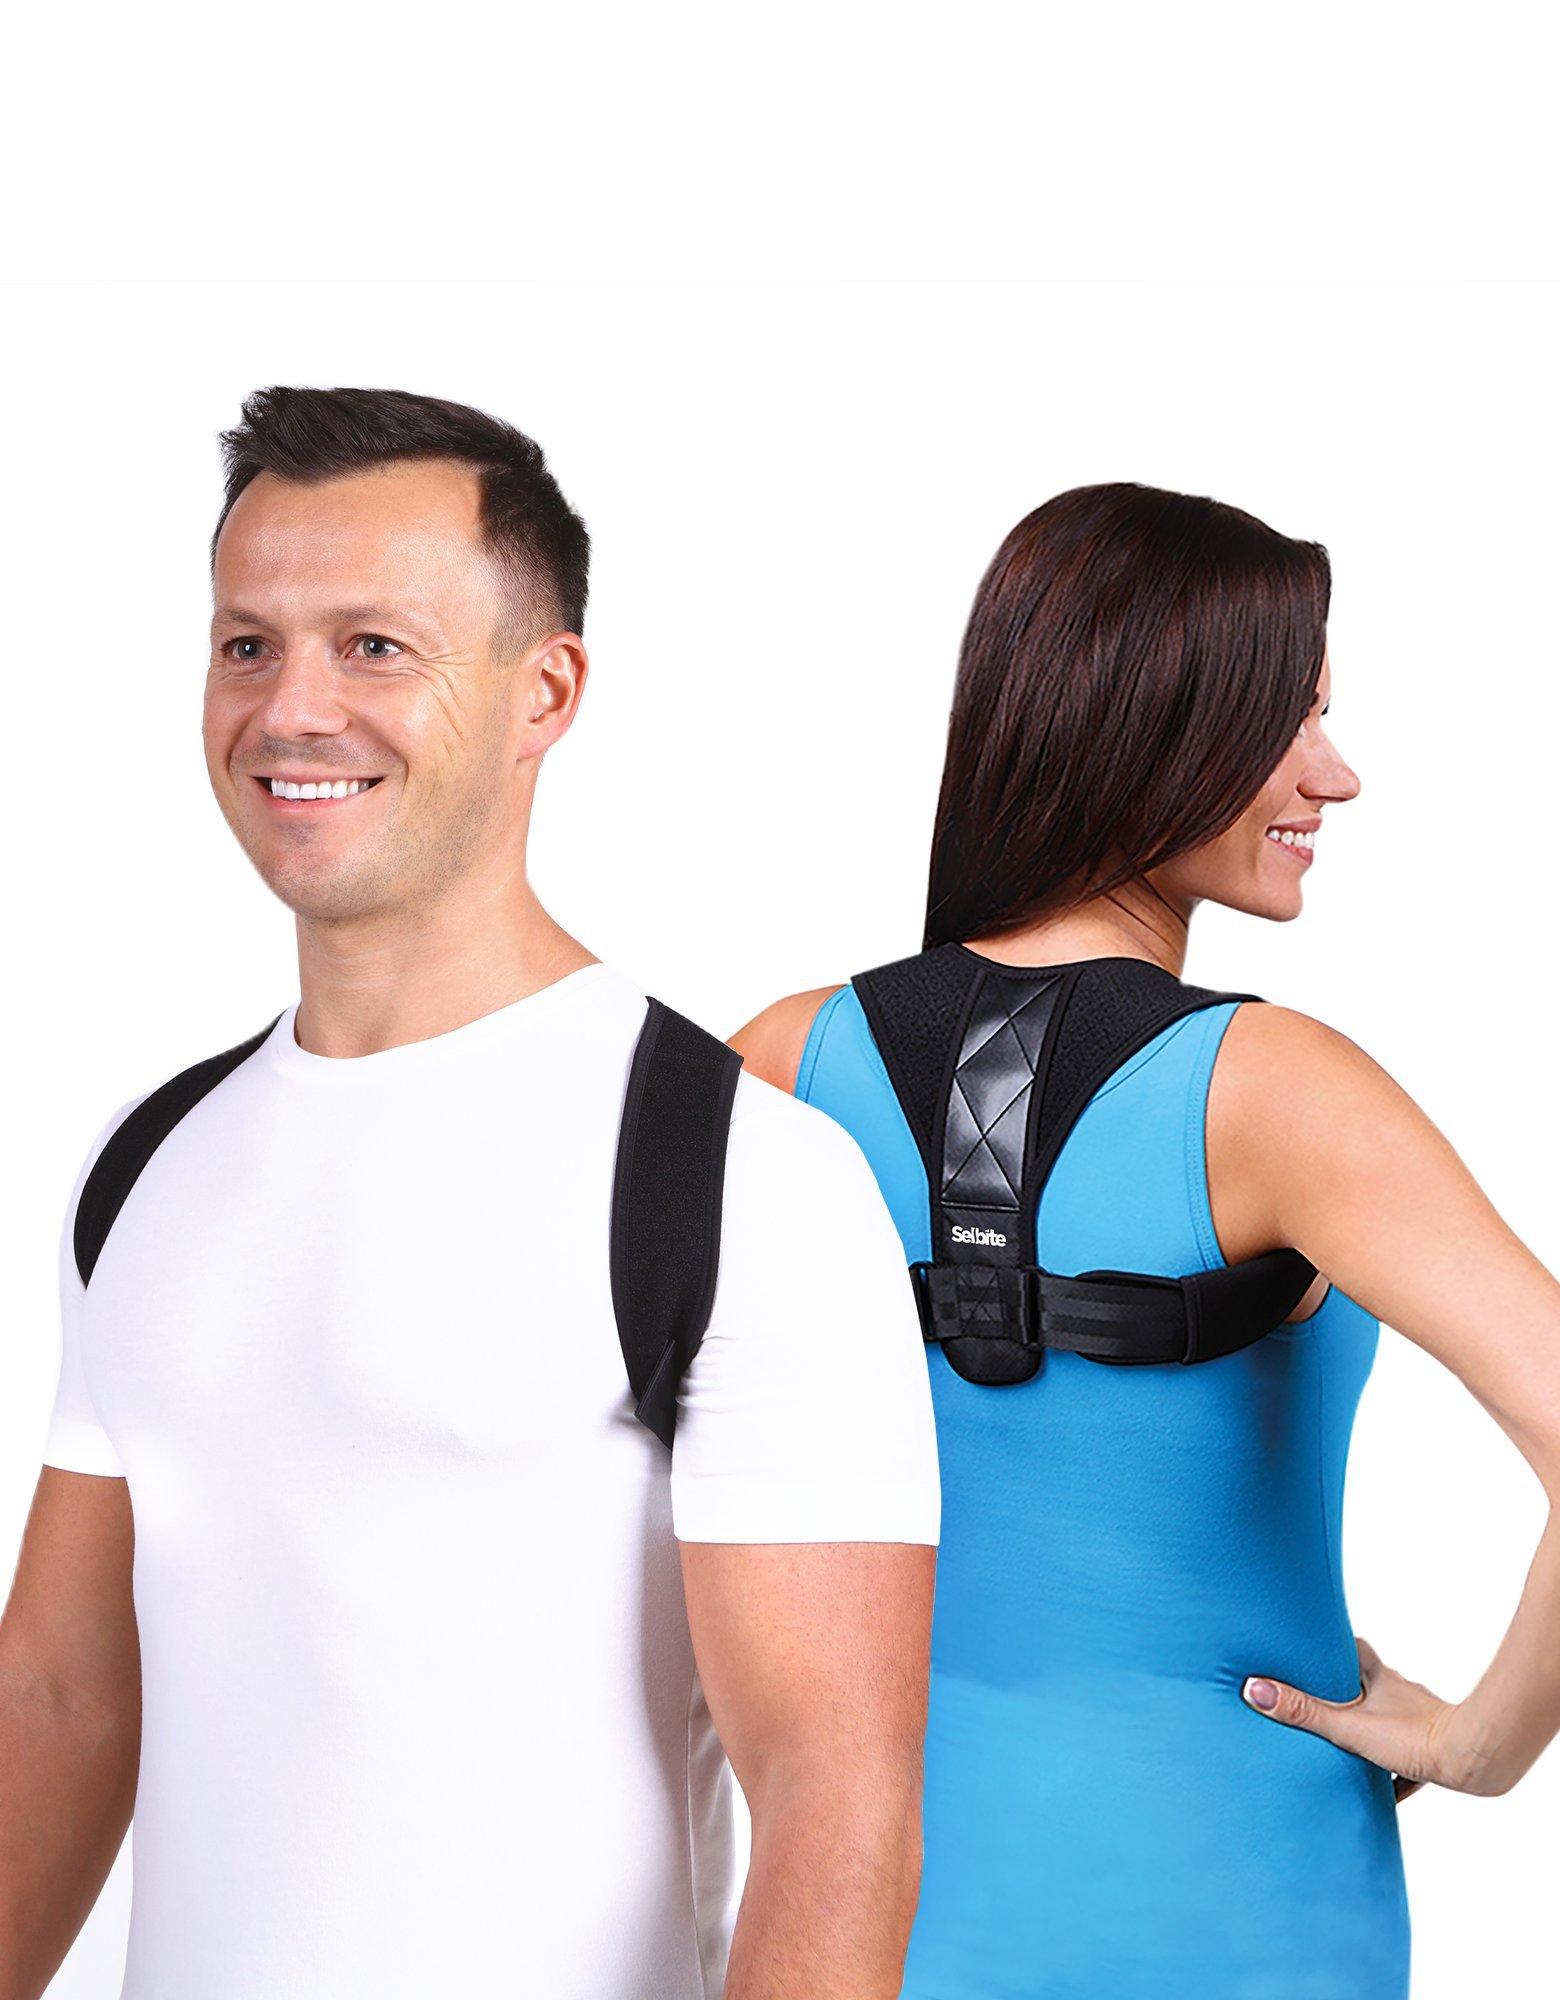 Back Posture Corrector for Men Women - Effective Posture Corrector Upper Back Straightener - Adjustable Posture Brace - Back Brace - Lightweight and Comfortable for Improving Posture